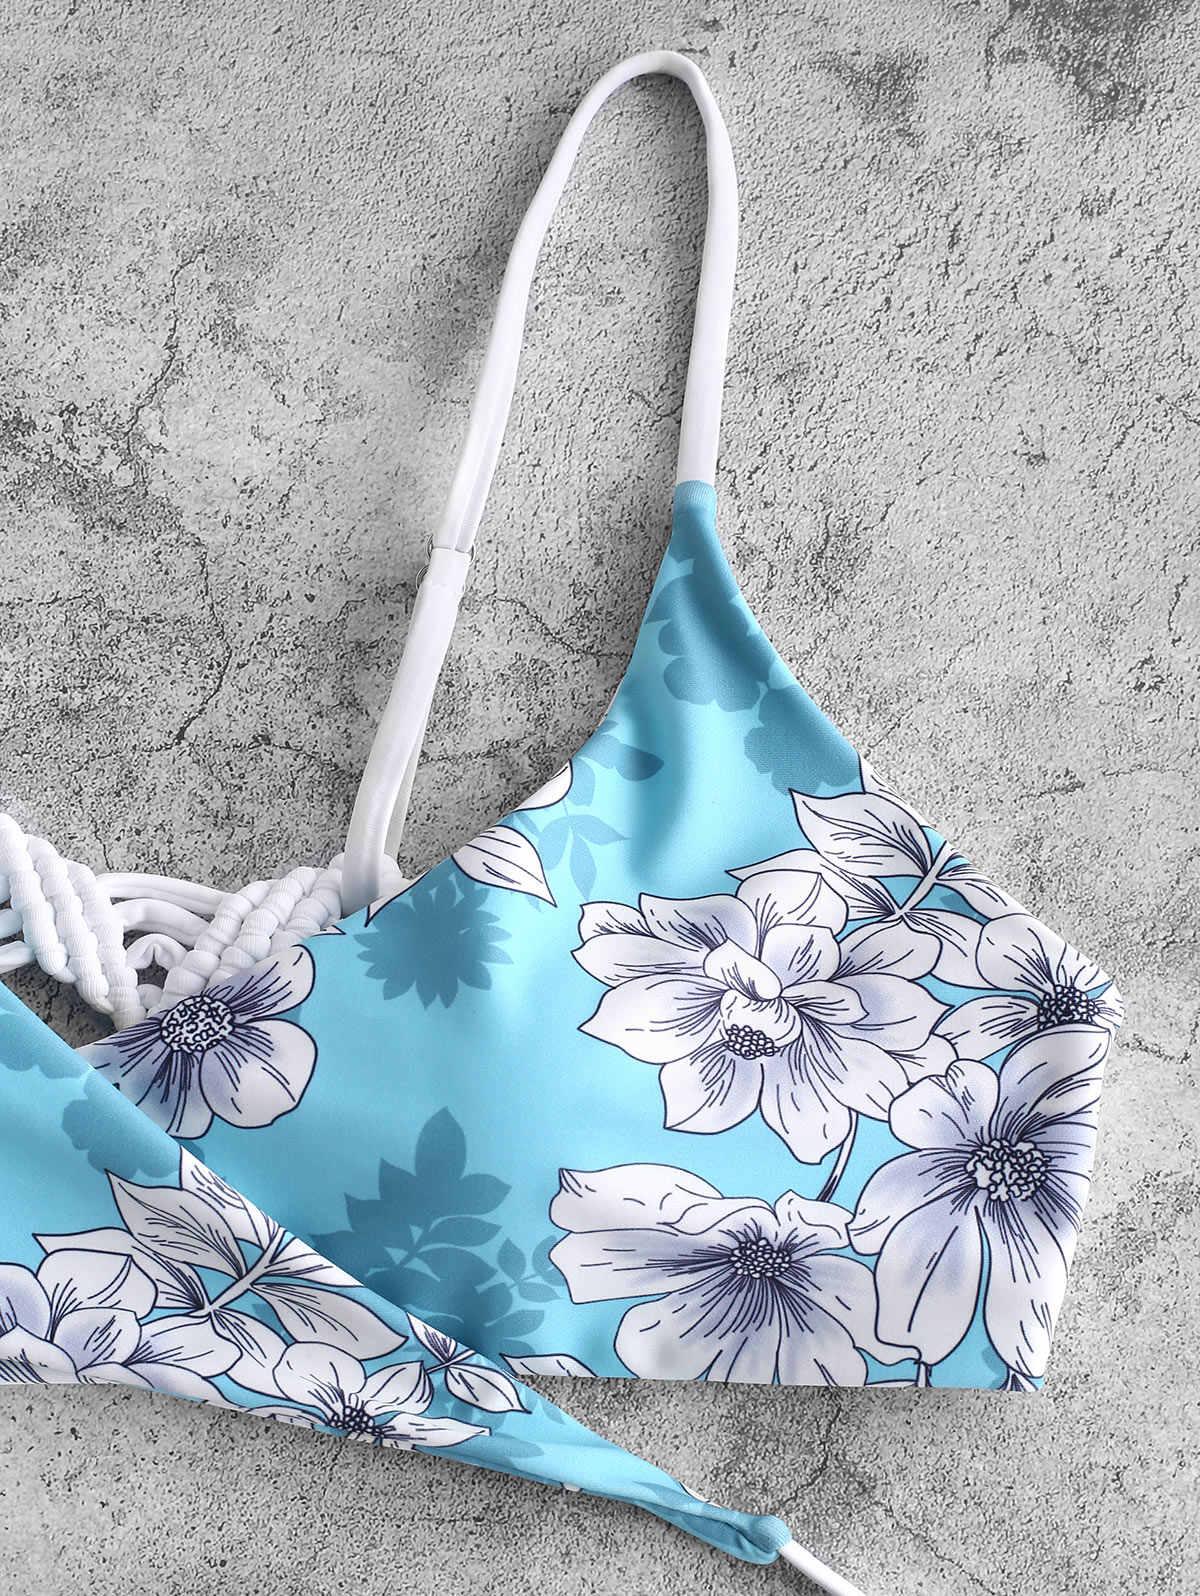 ZAFUL strój kąpielowy Bikini Set Sexy kobiety Bandeau strój kąpielowy wyściełane czechy drukowane plaża nosić Maillot De Bain Femme Stroj Kapielowy